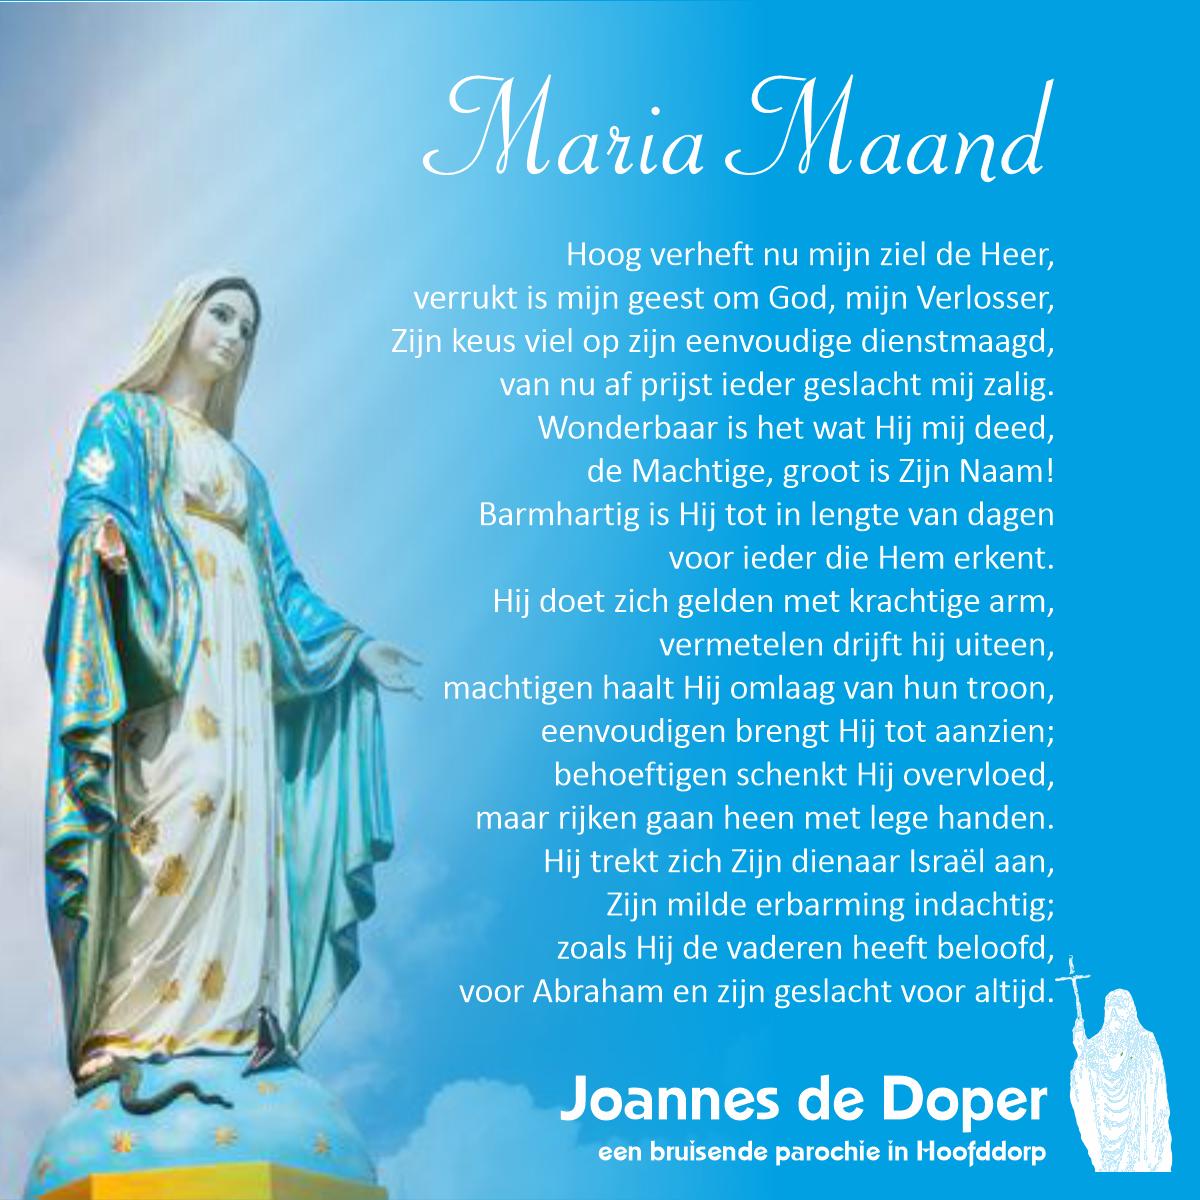 Gebed voor de Maria maand